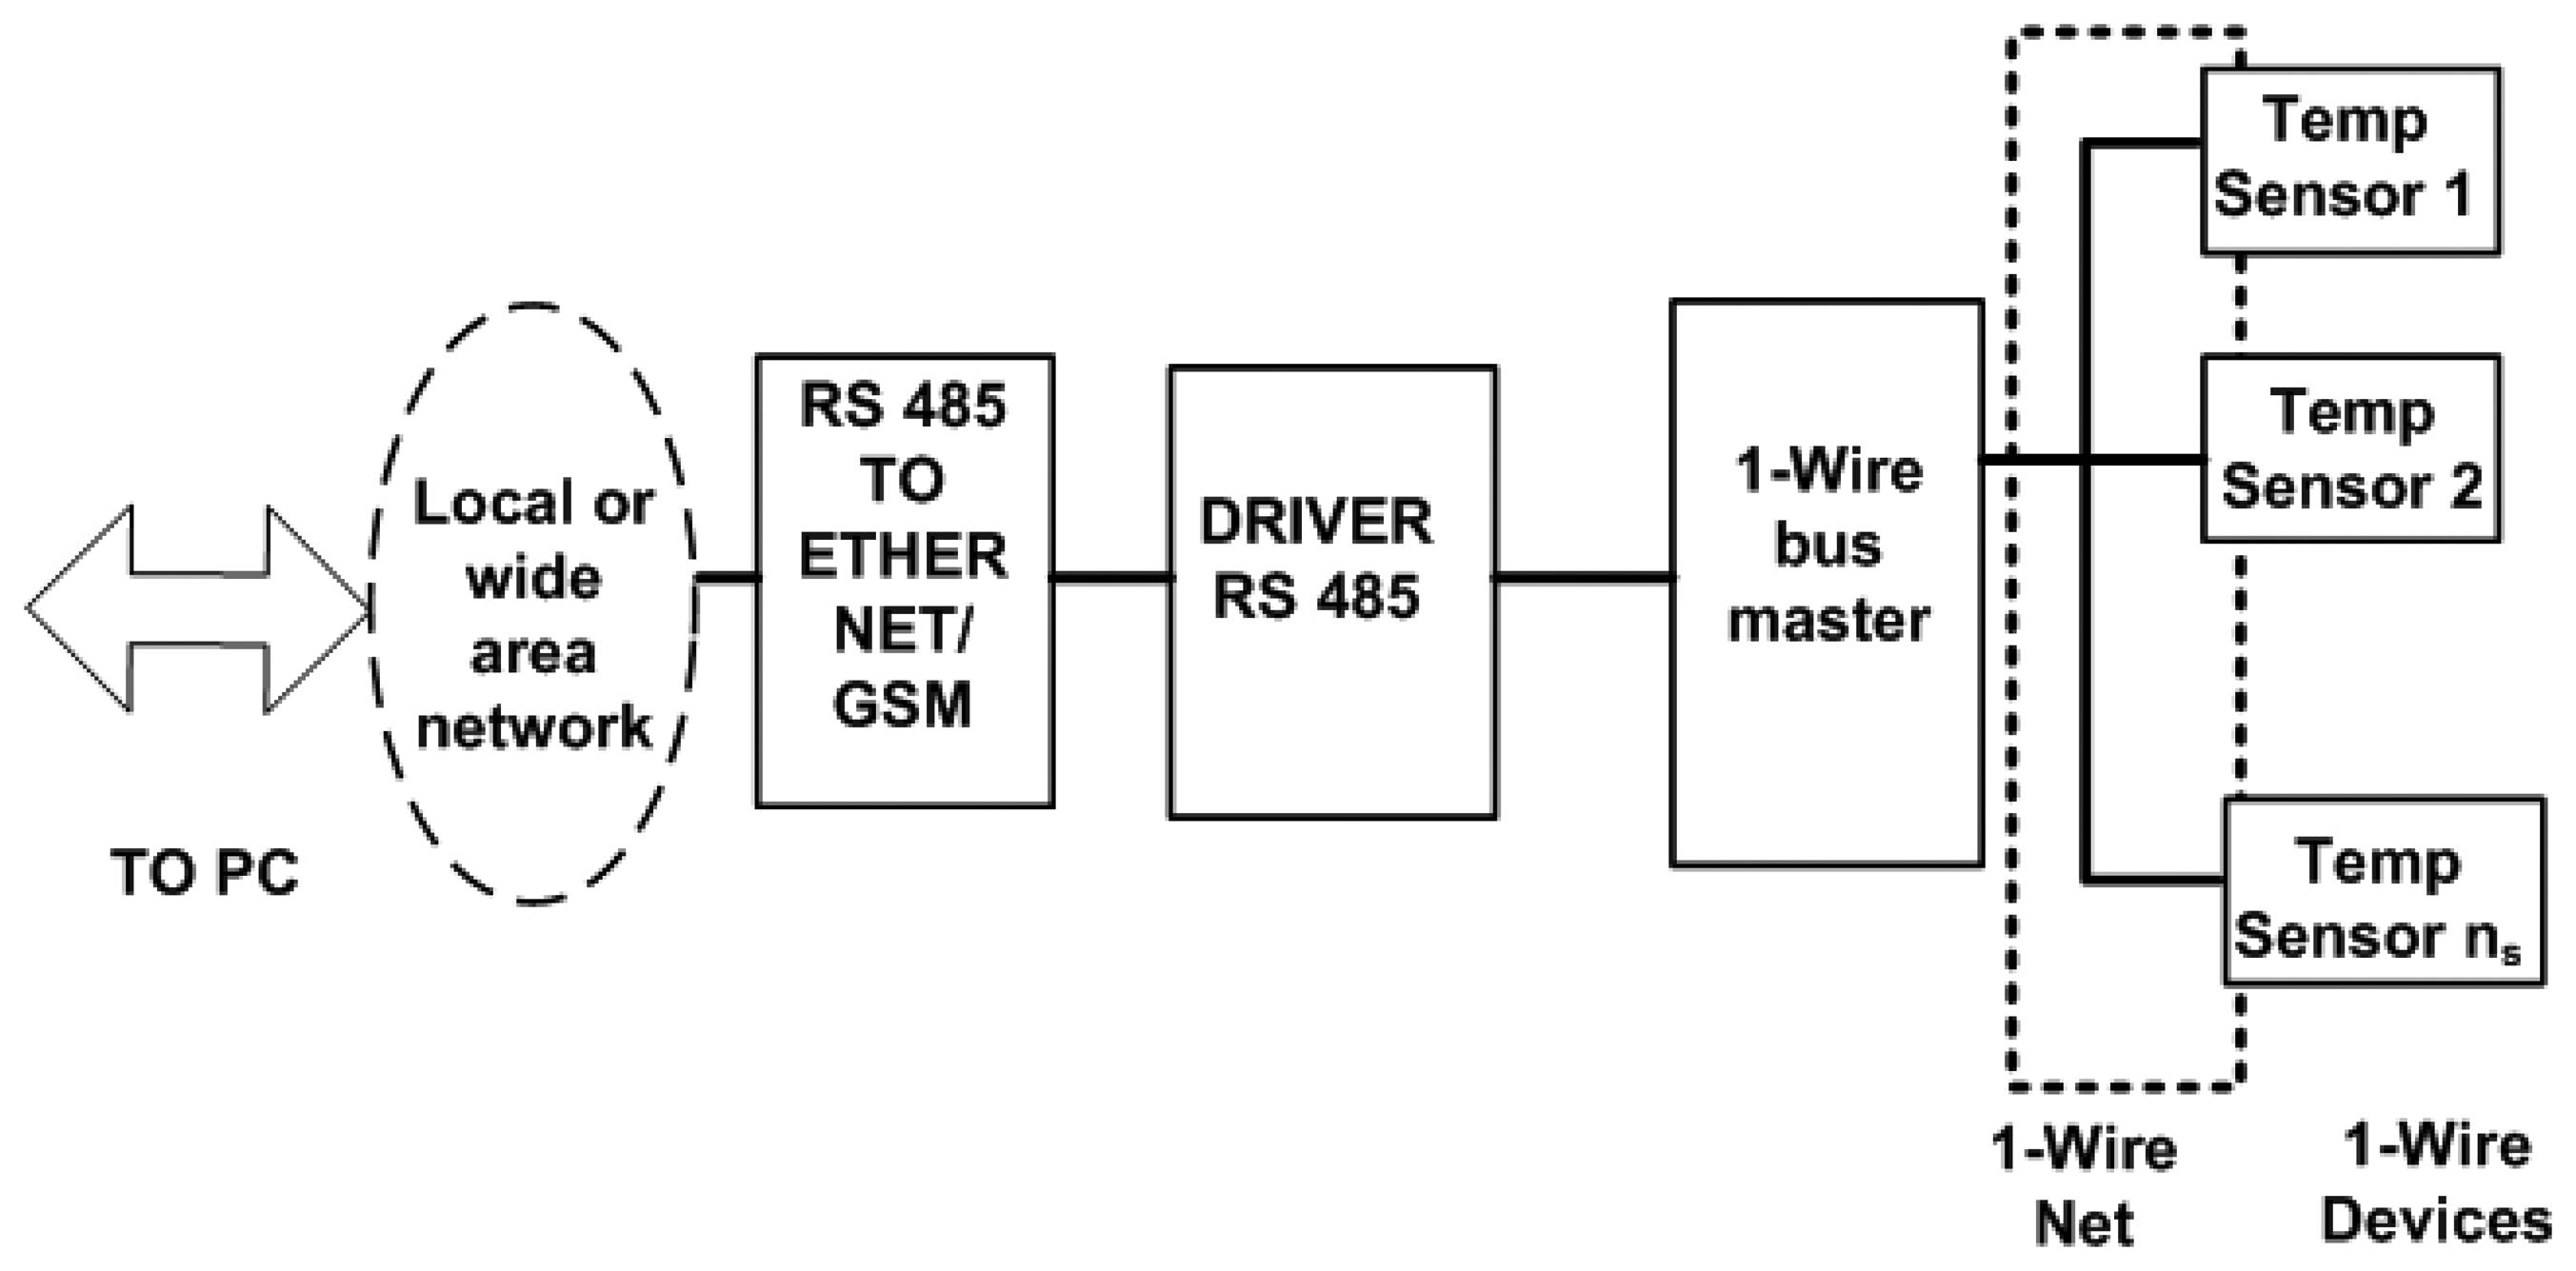 Caterpillar Generator Wiring Diagram Moreover Pt100 Temperature Temp Sensor Sensors Free Full Text Measurement In Pv Facilities